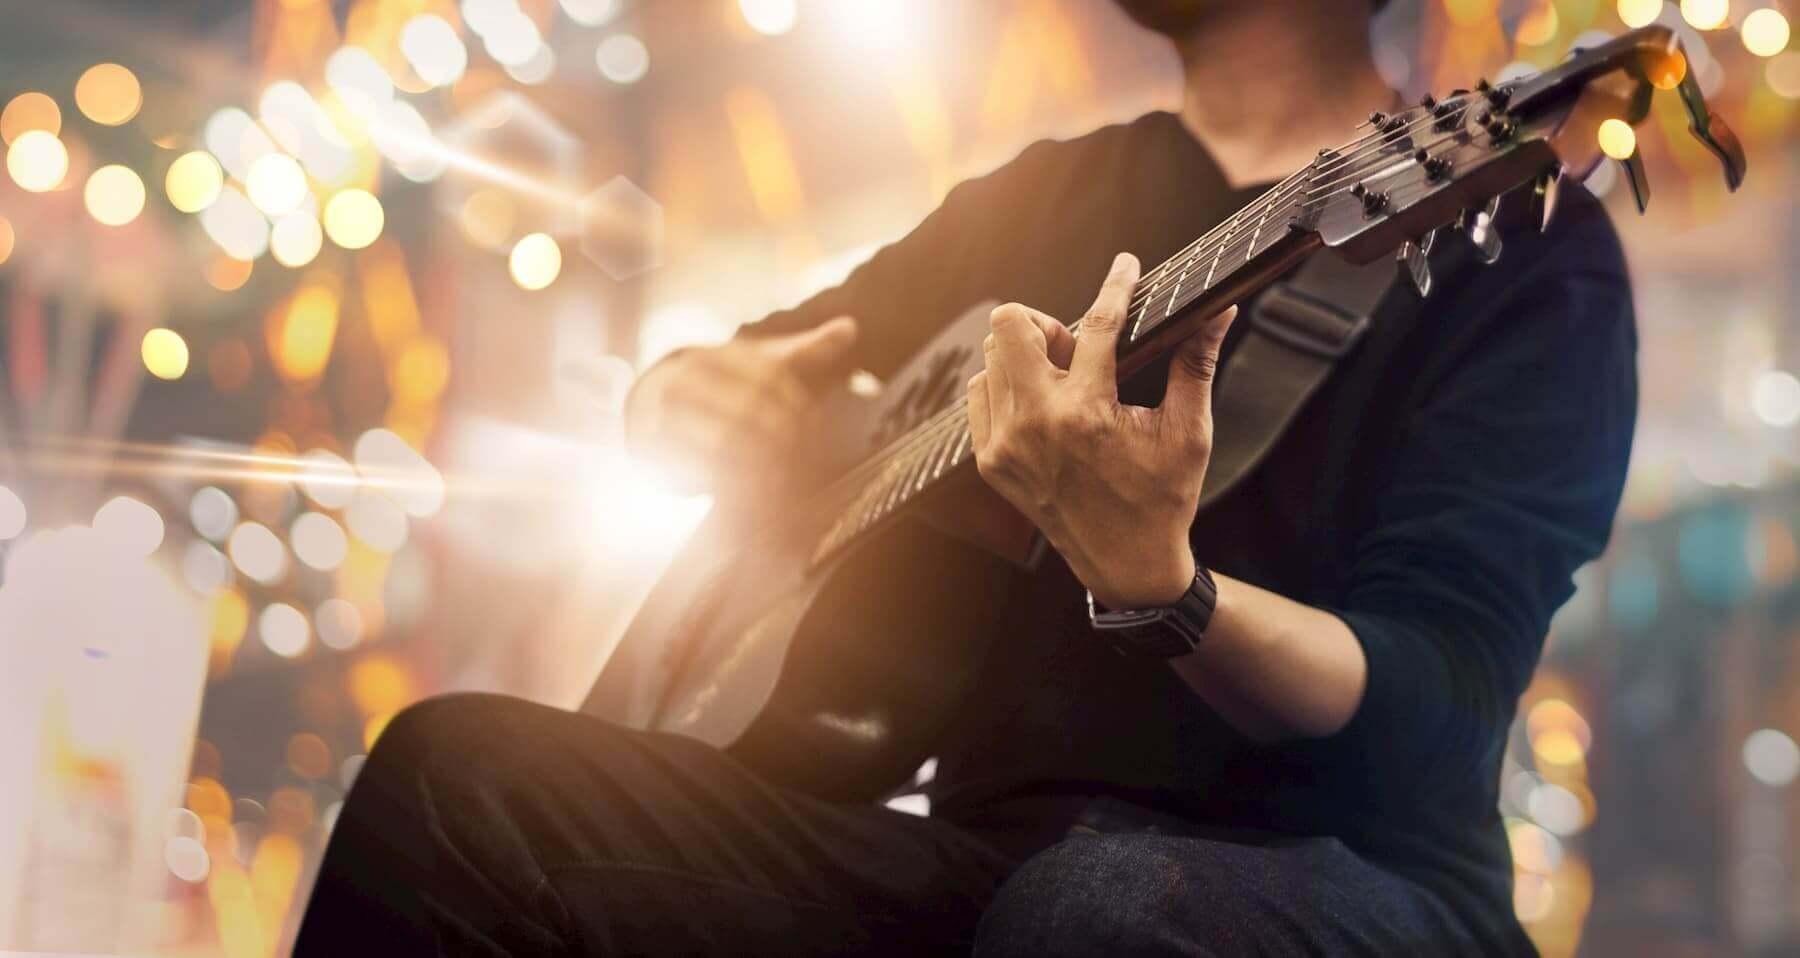 tipps musik kuenstler seo